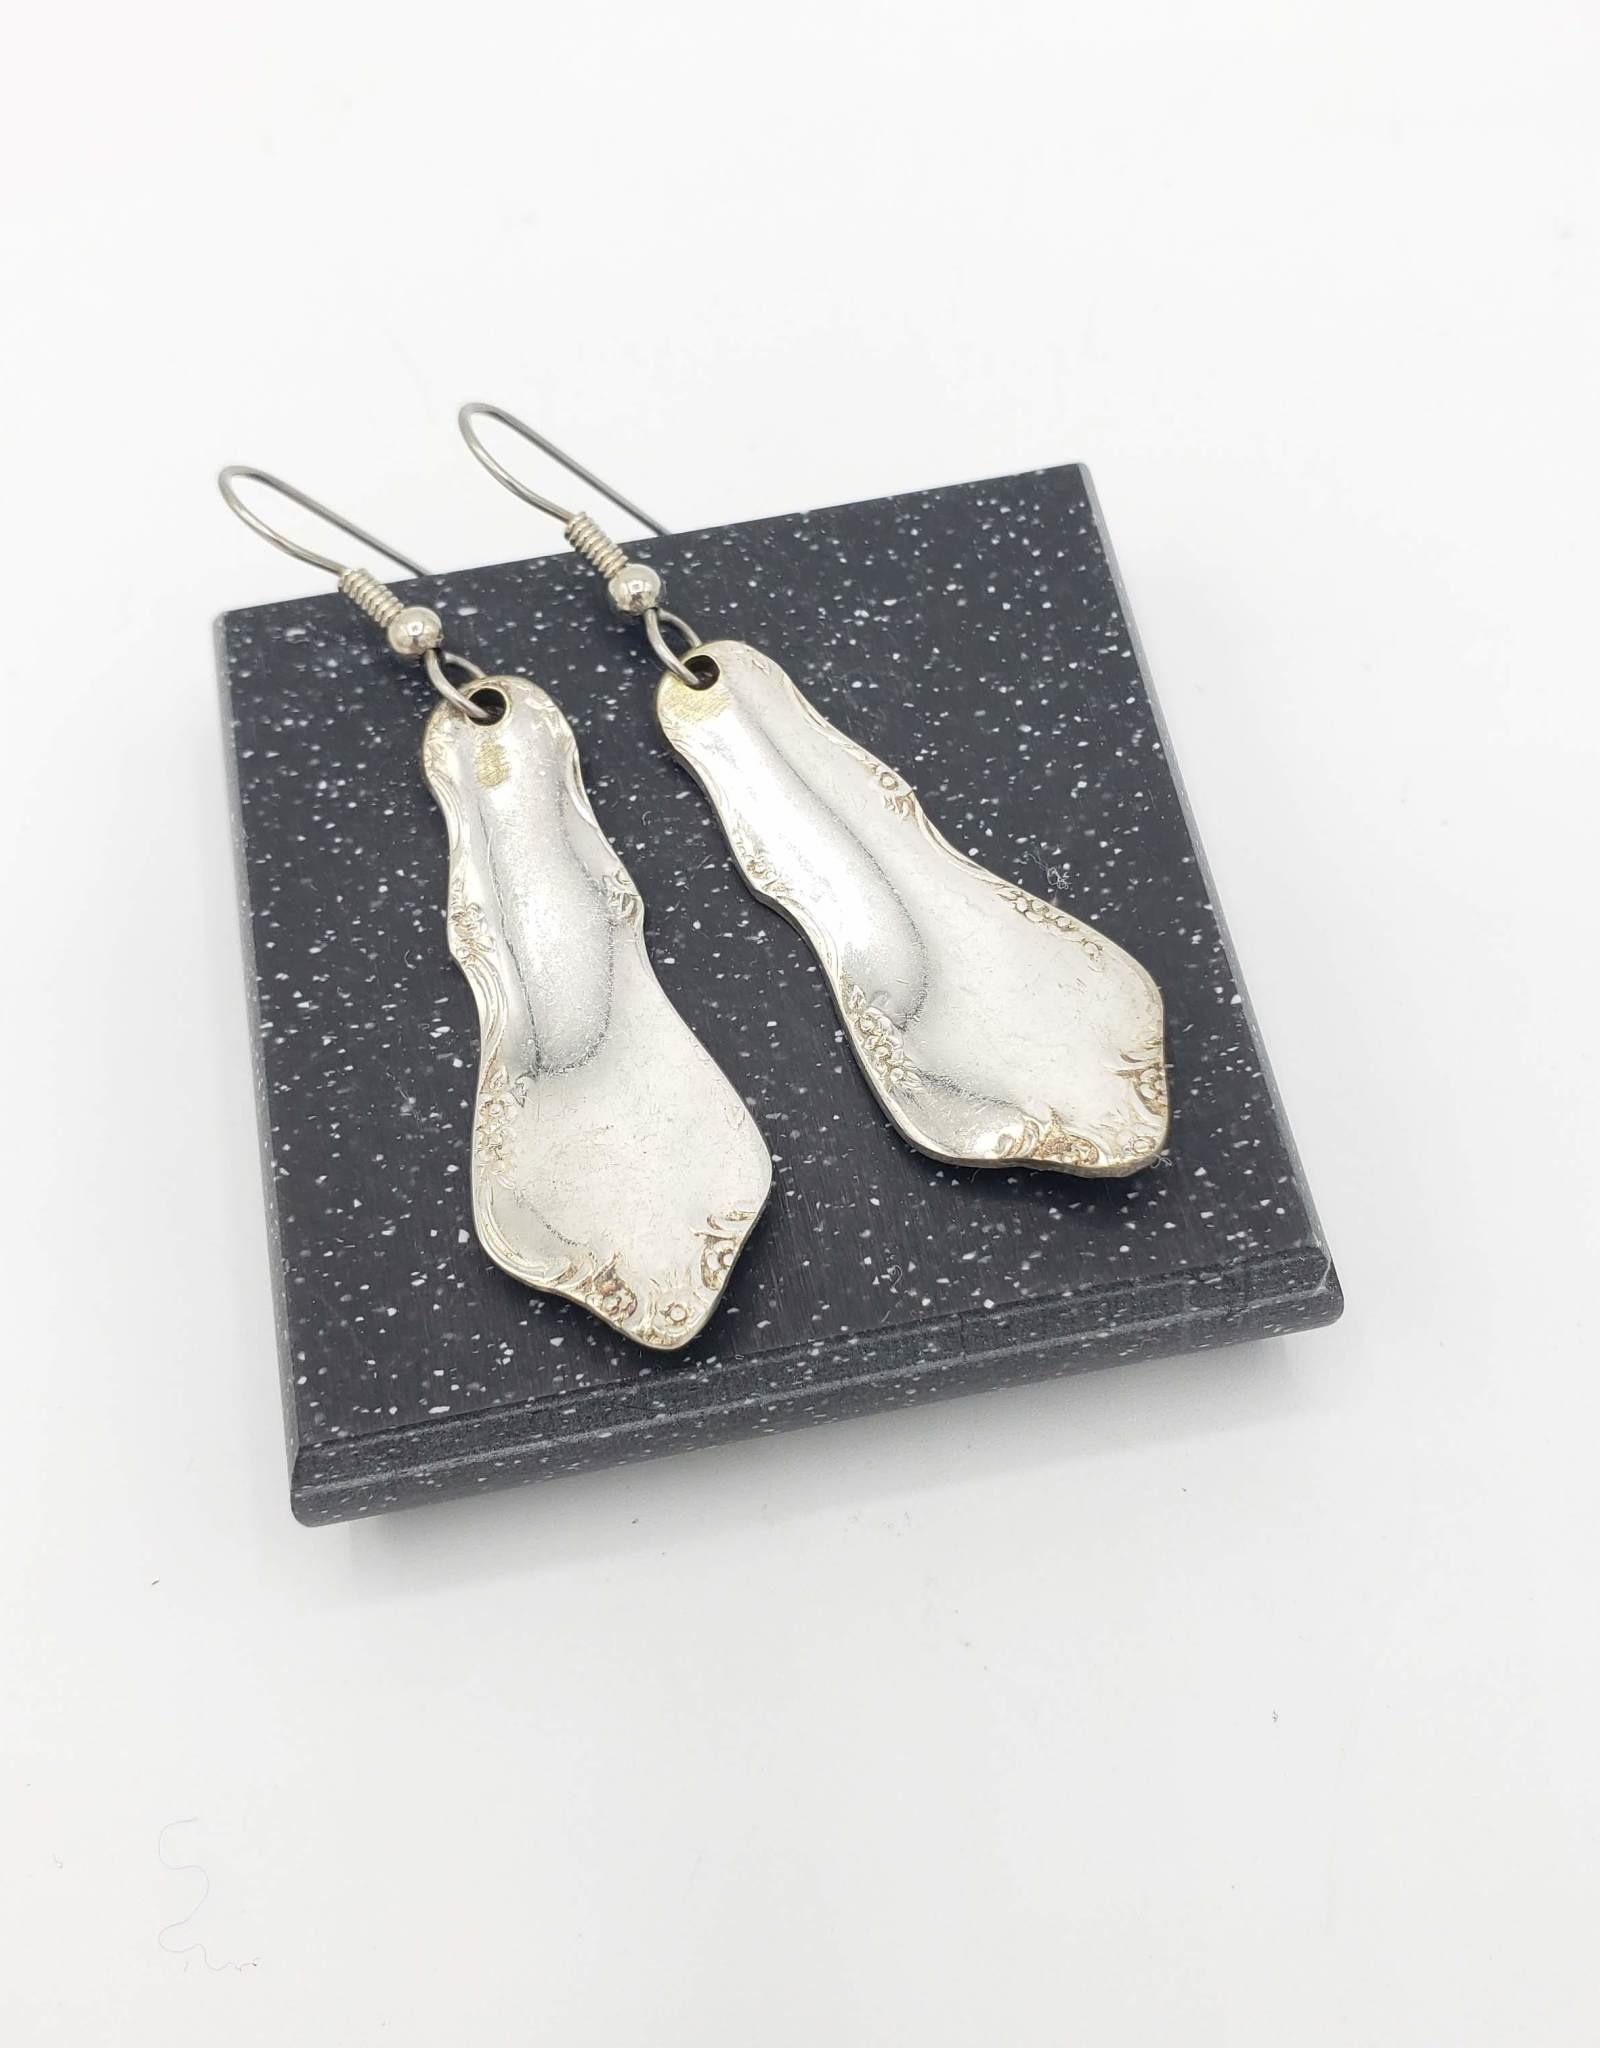 Recycled Utensil Handle Earrings